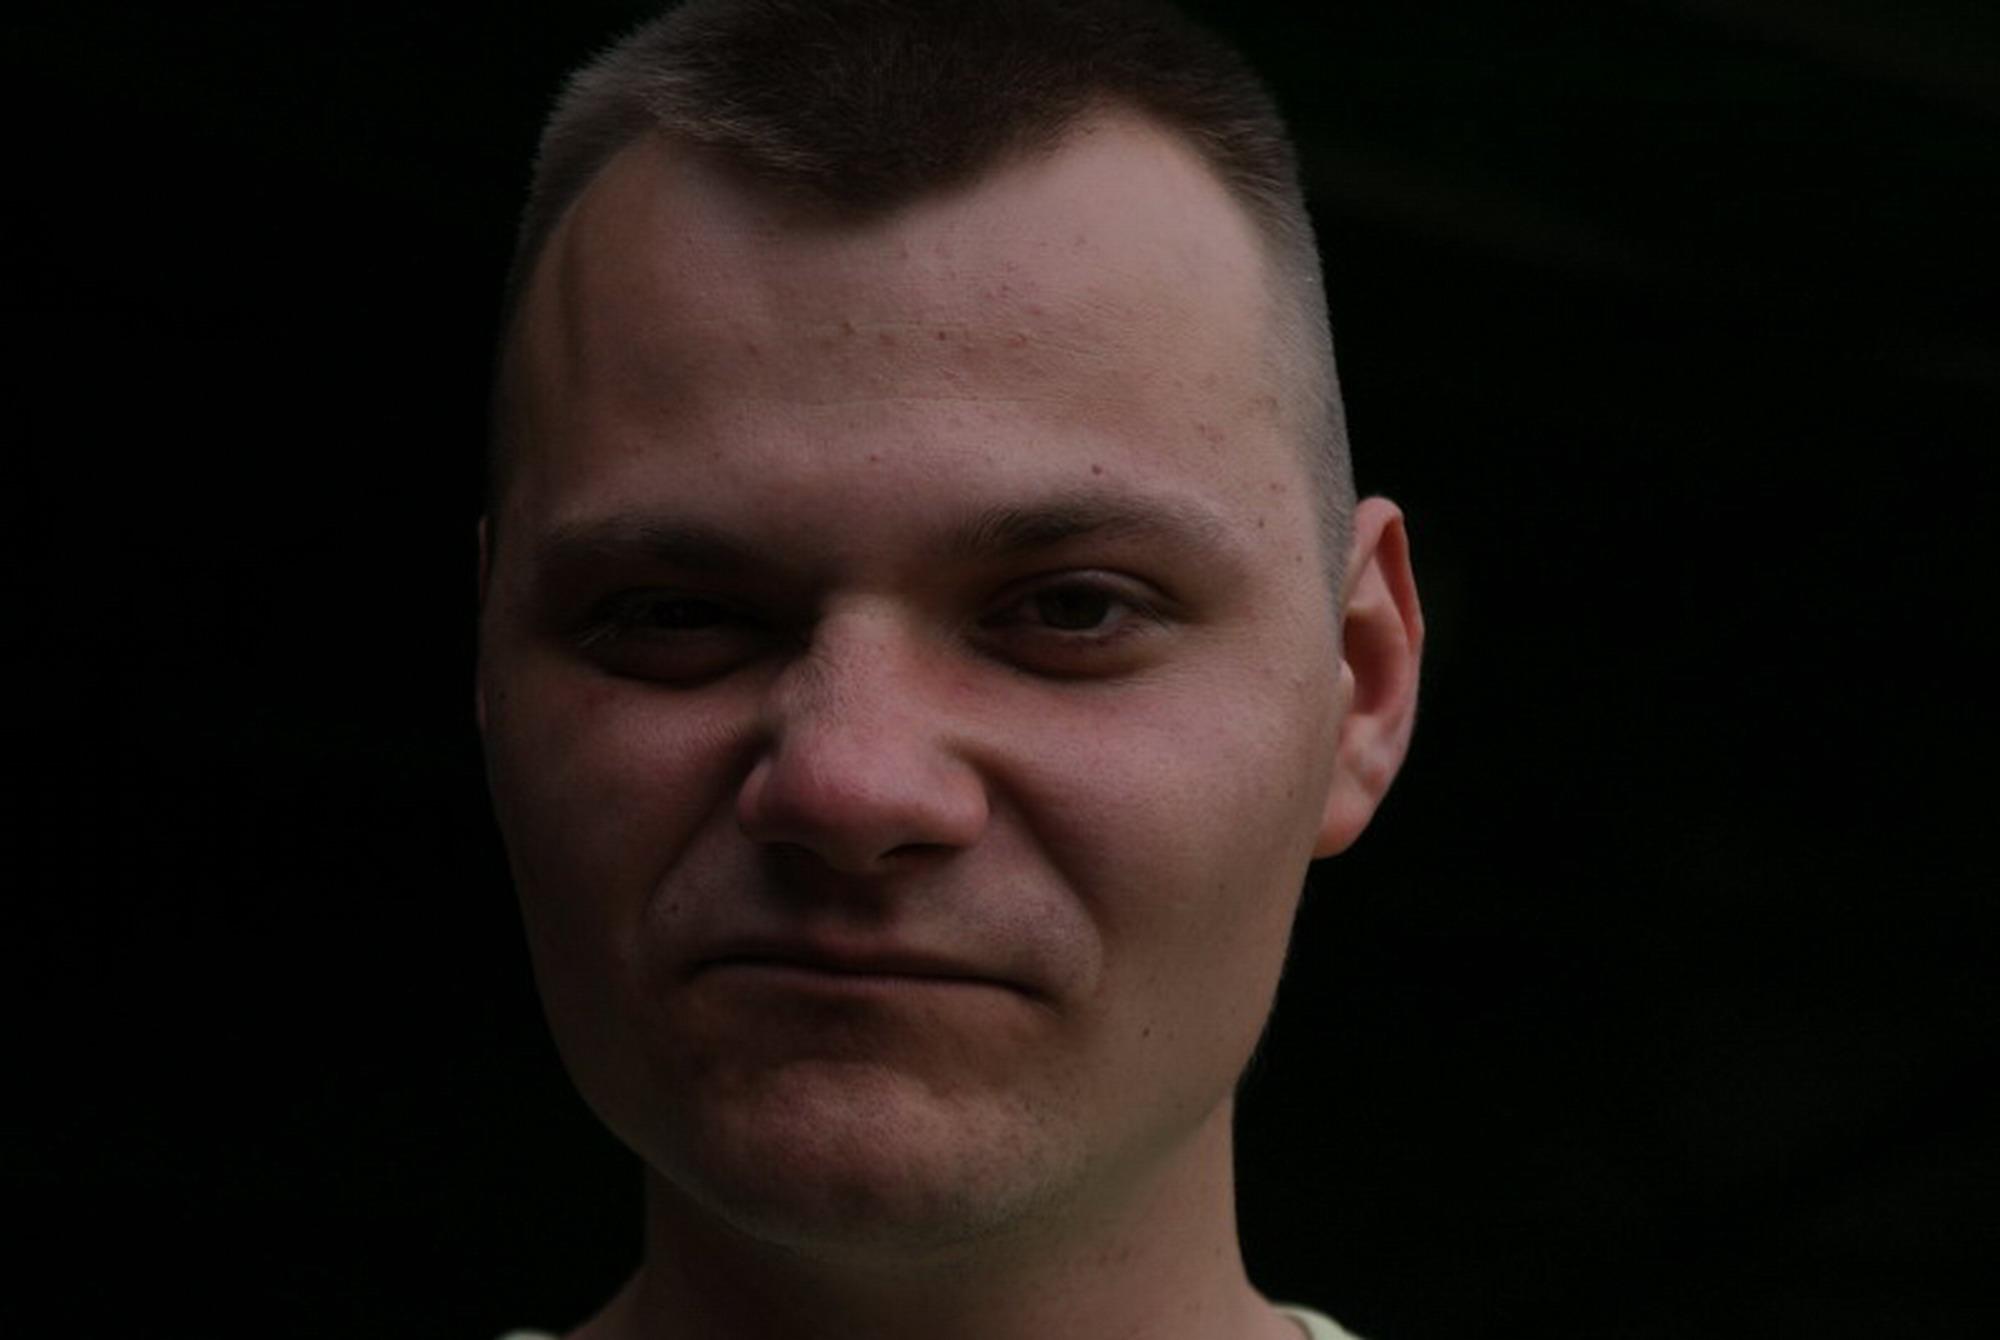 Face, Boy, Dark, Human, Man, HQ Photo